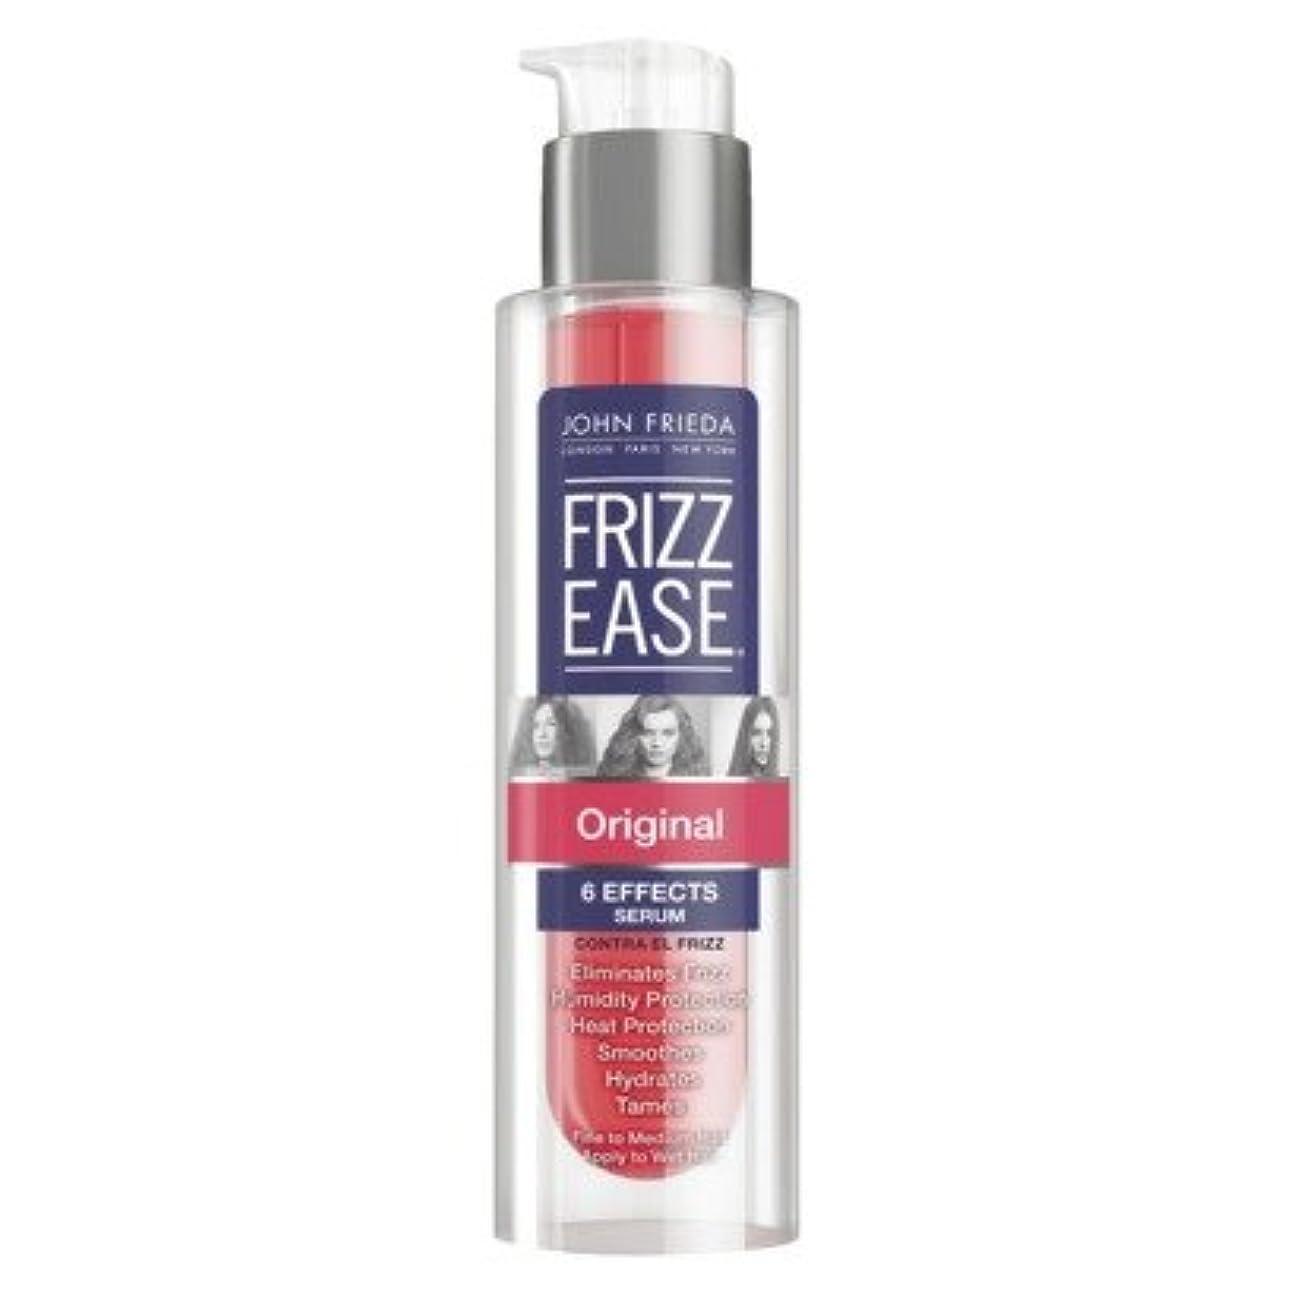 パワーセル取り壊す引き金John Frieda Frizz-Ease Hair Serum, Original Formula - 1.69 fl oz (49ml)